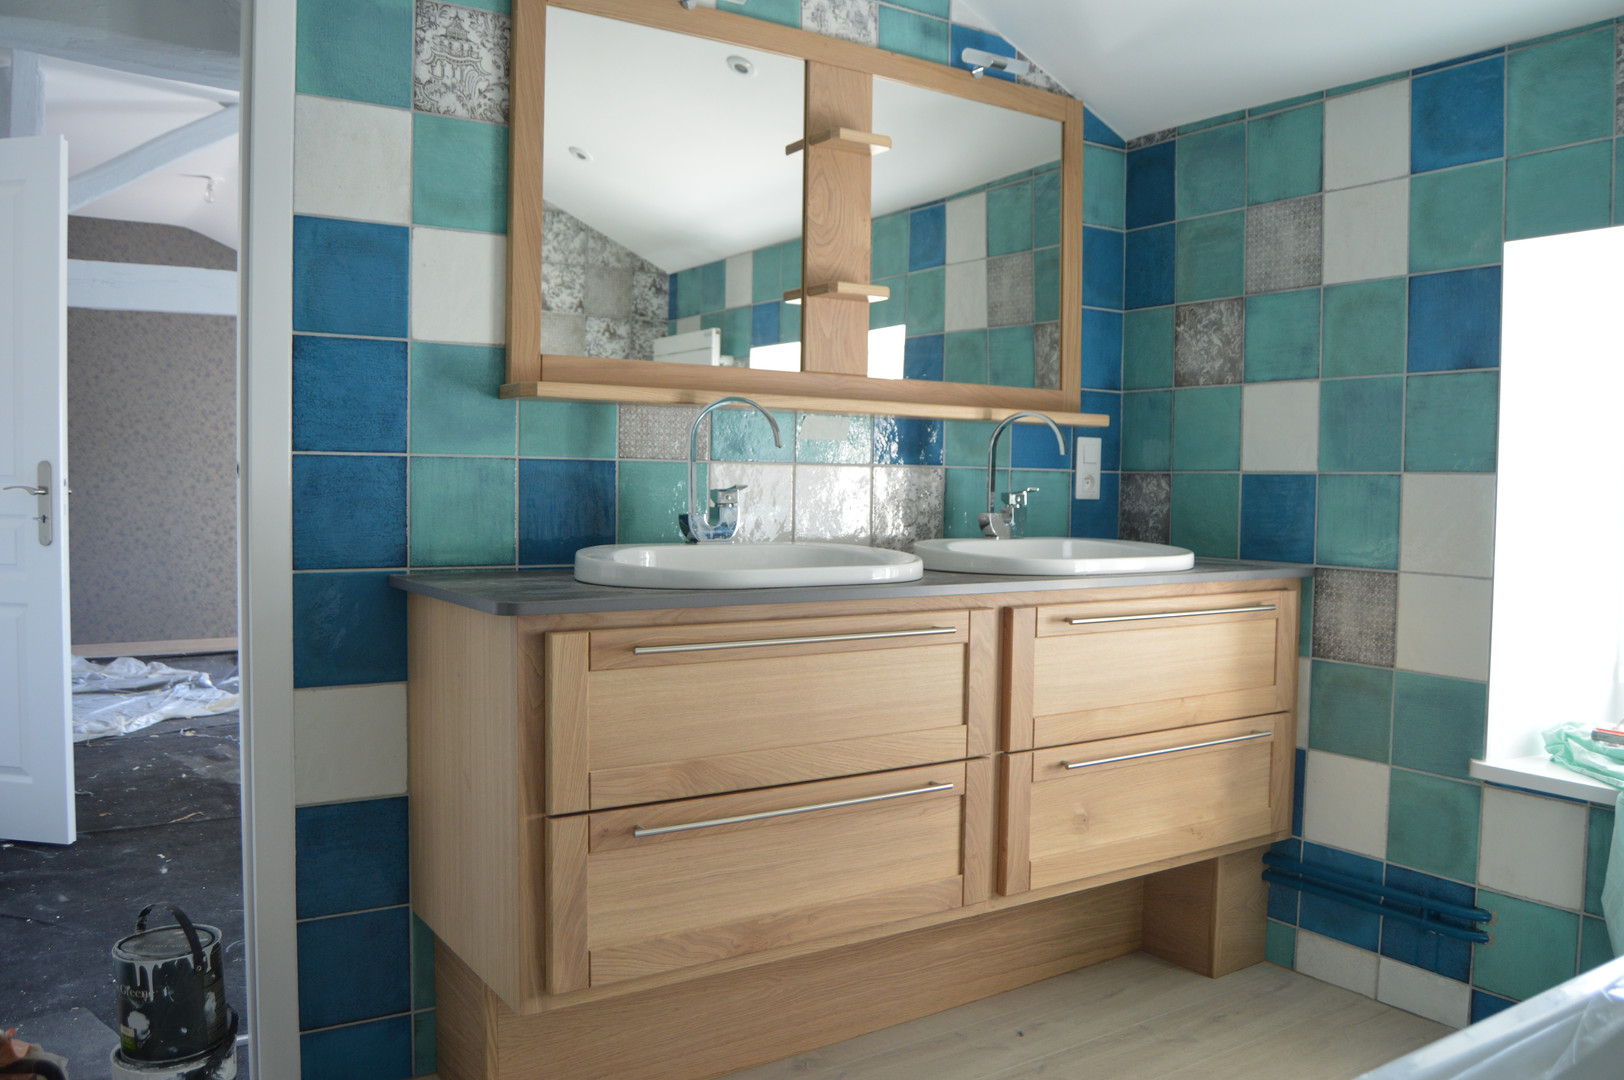 Salle de bains en chêne verni naturel, plan de vasques en quartz